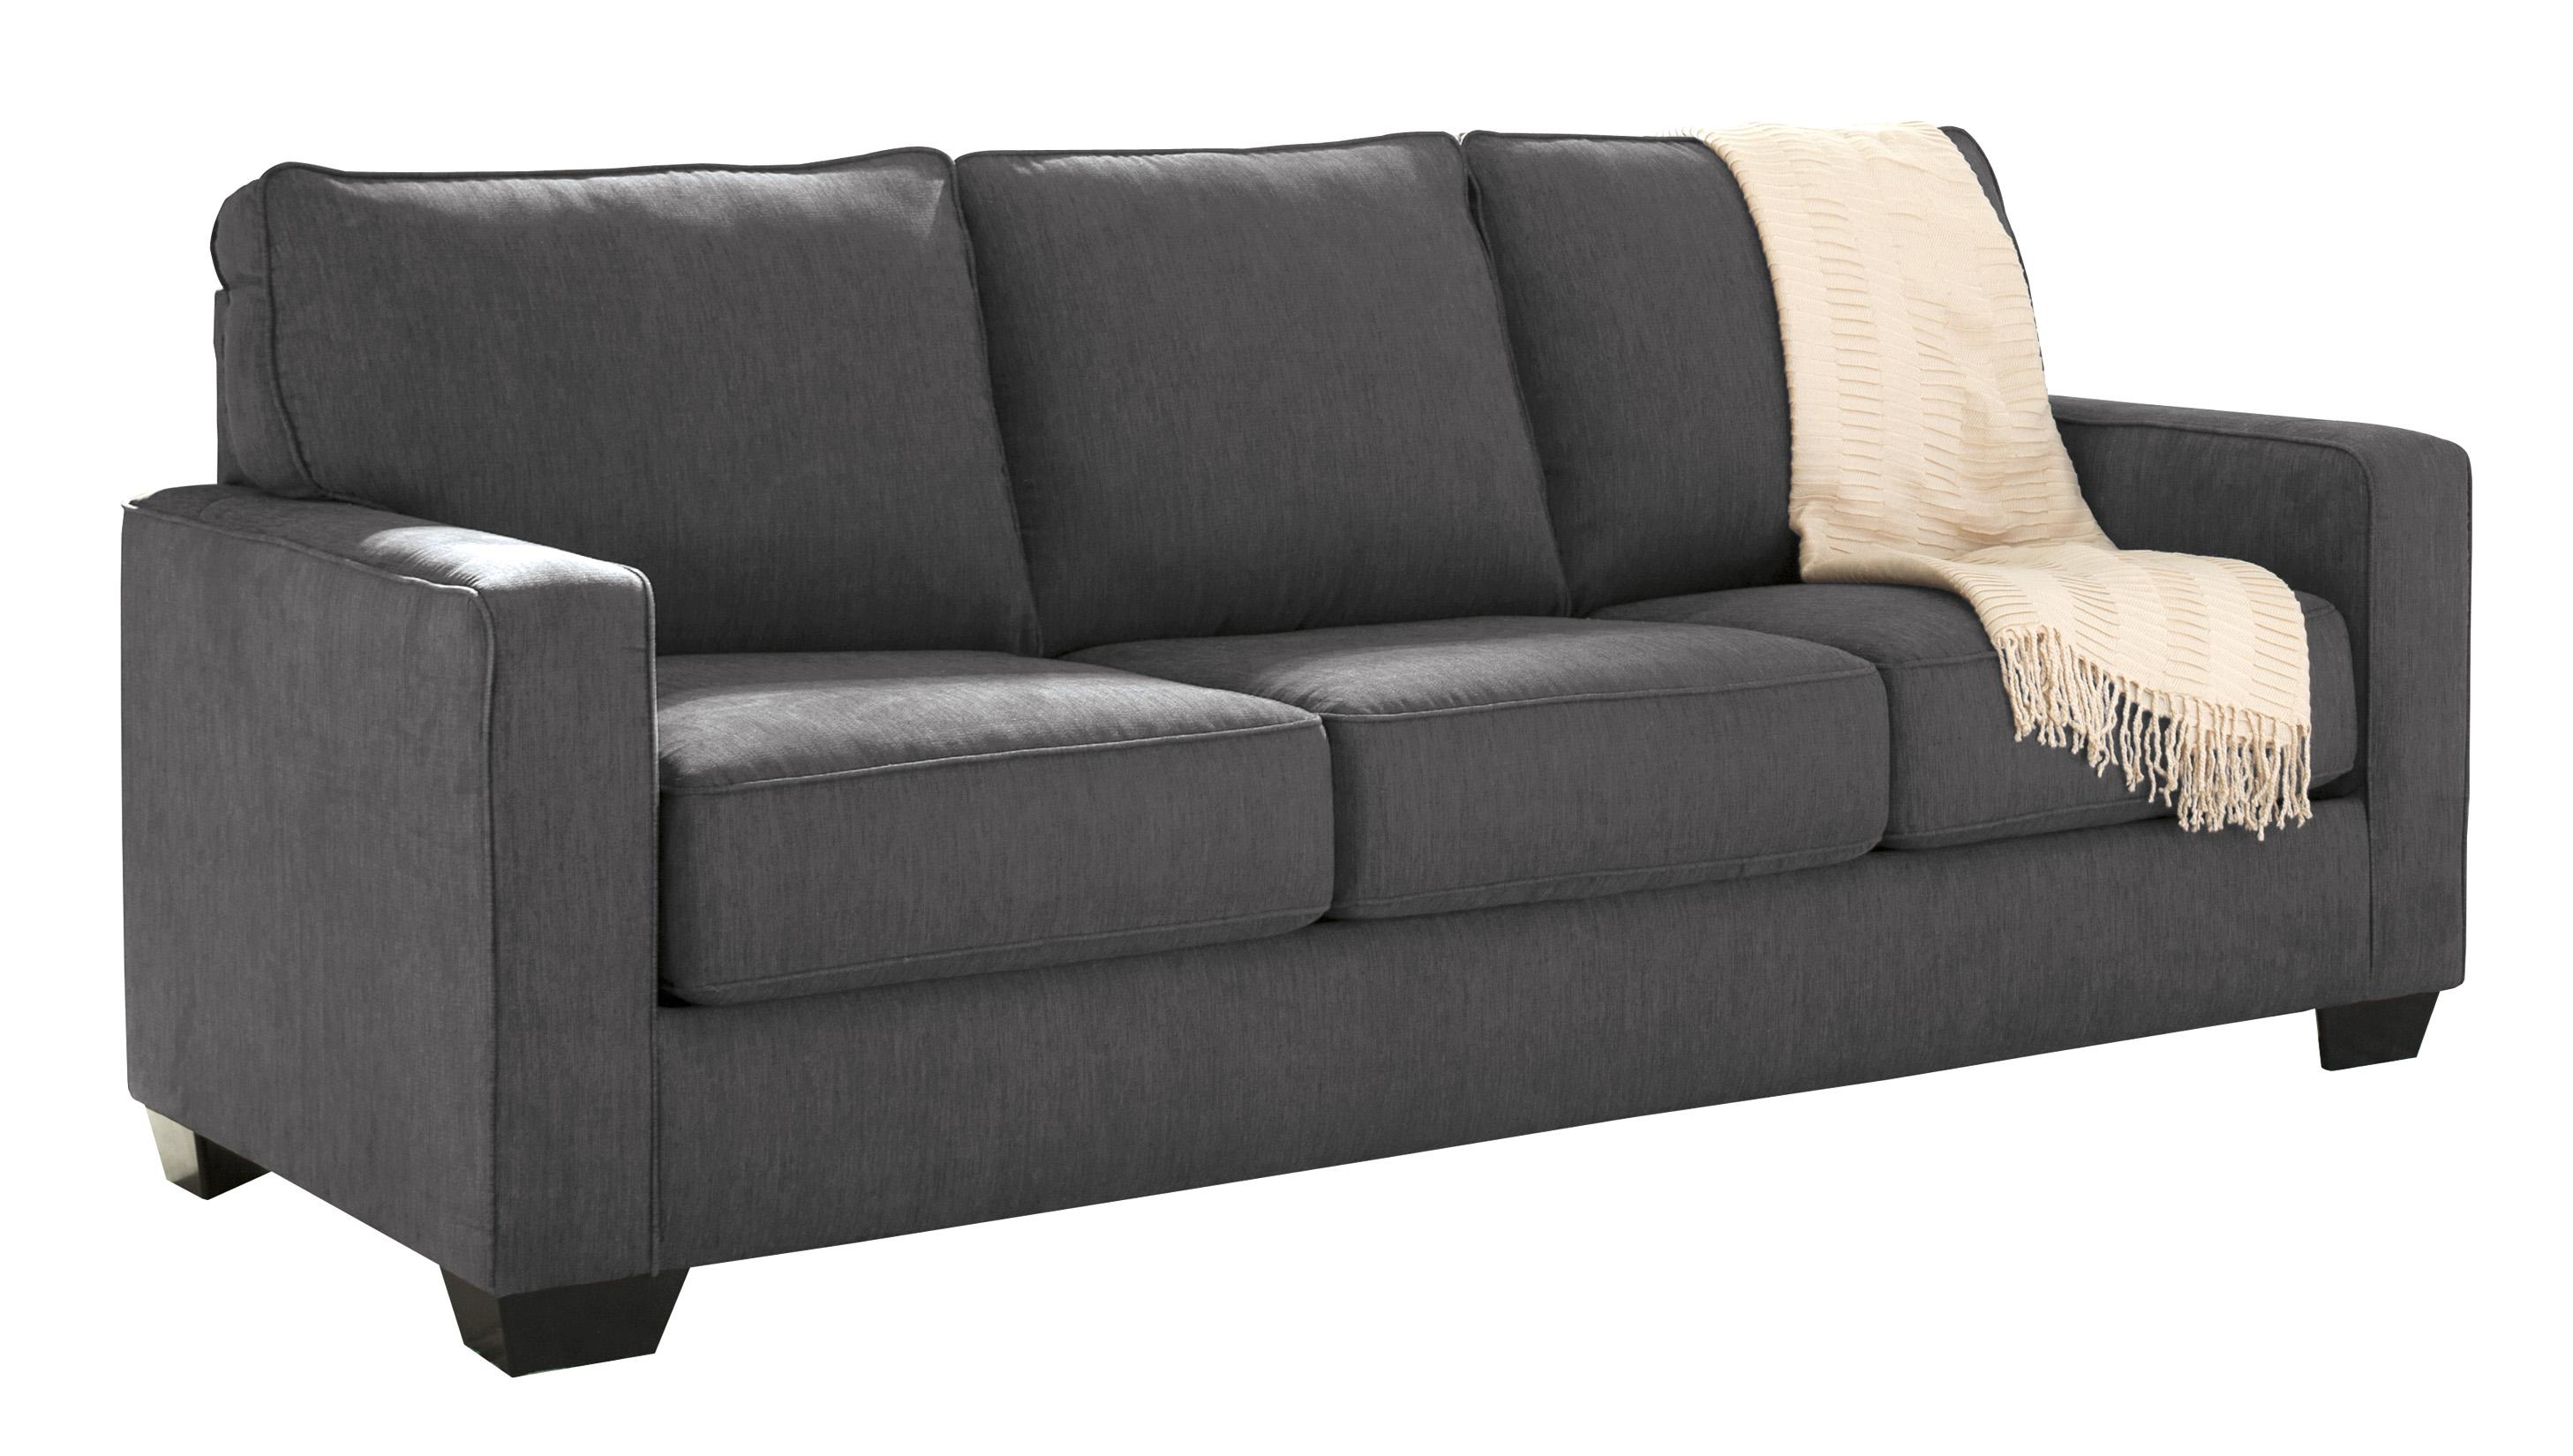 Zeb Charcoal Queen Sofa Sleeper Marjen Of Chicago